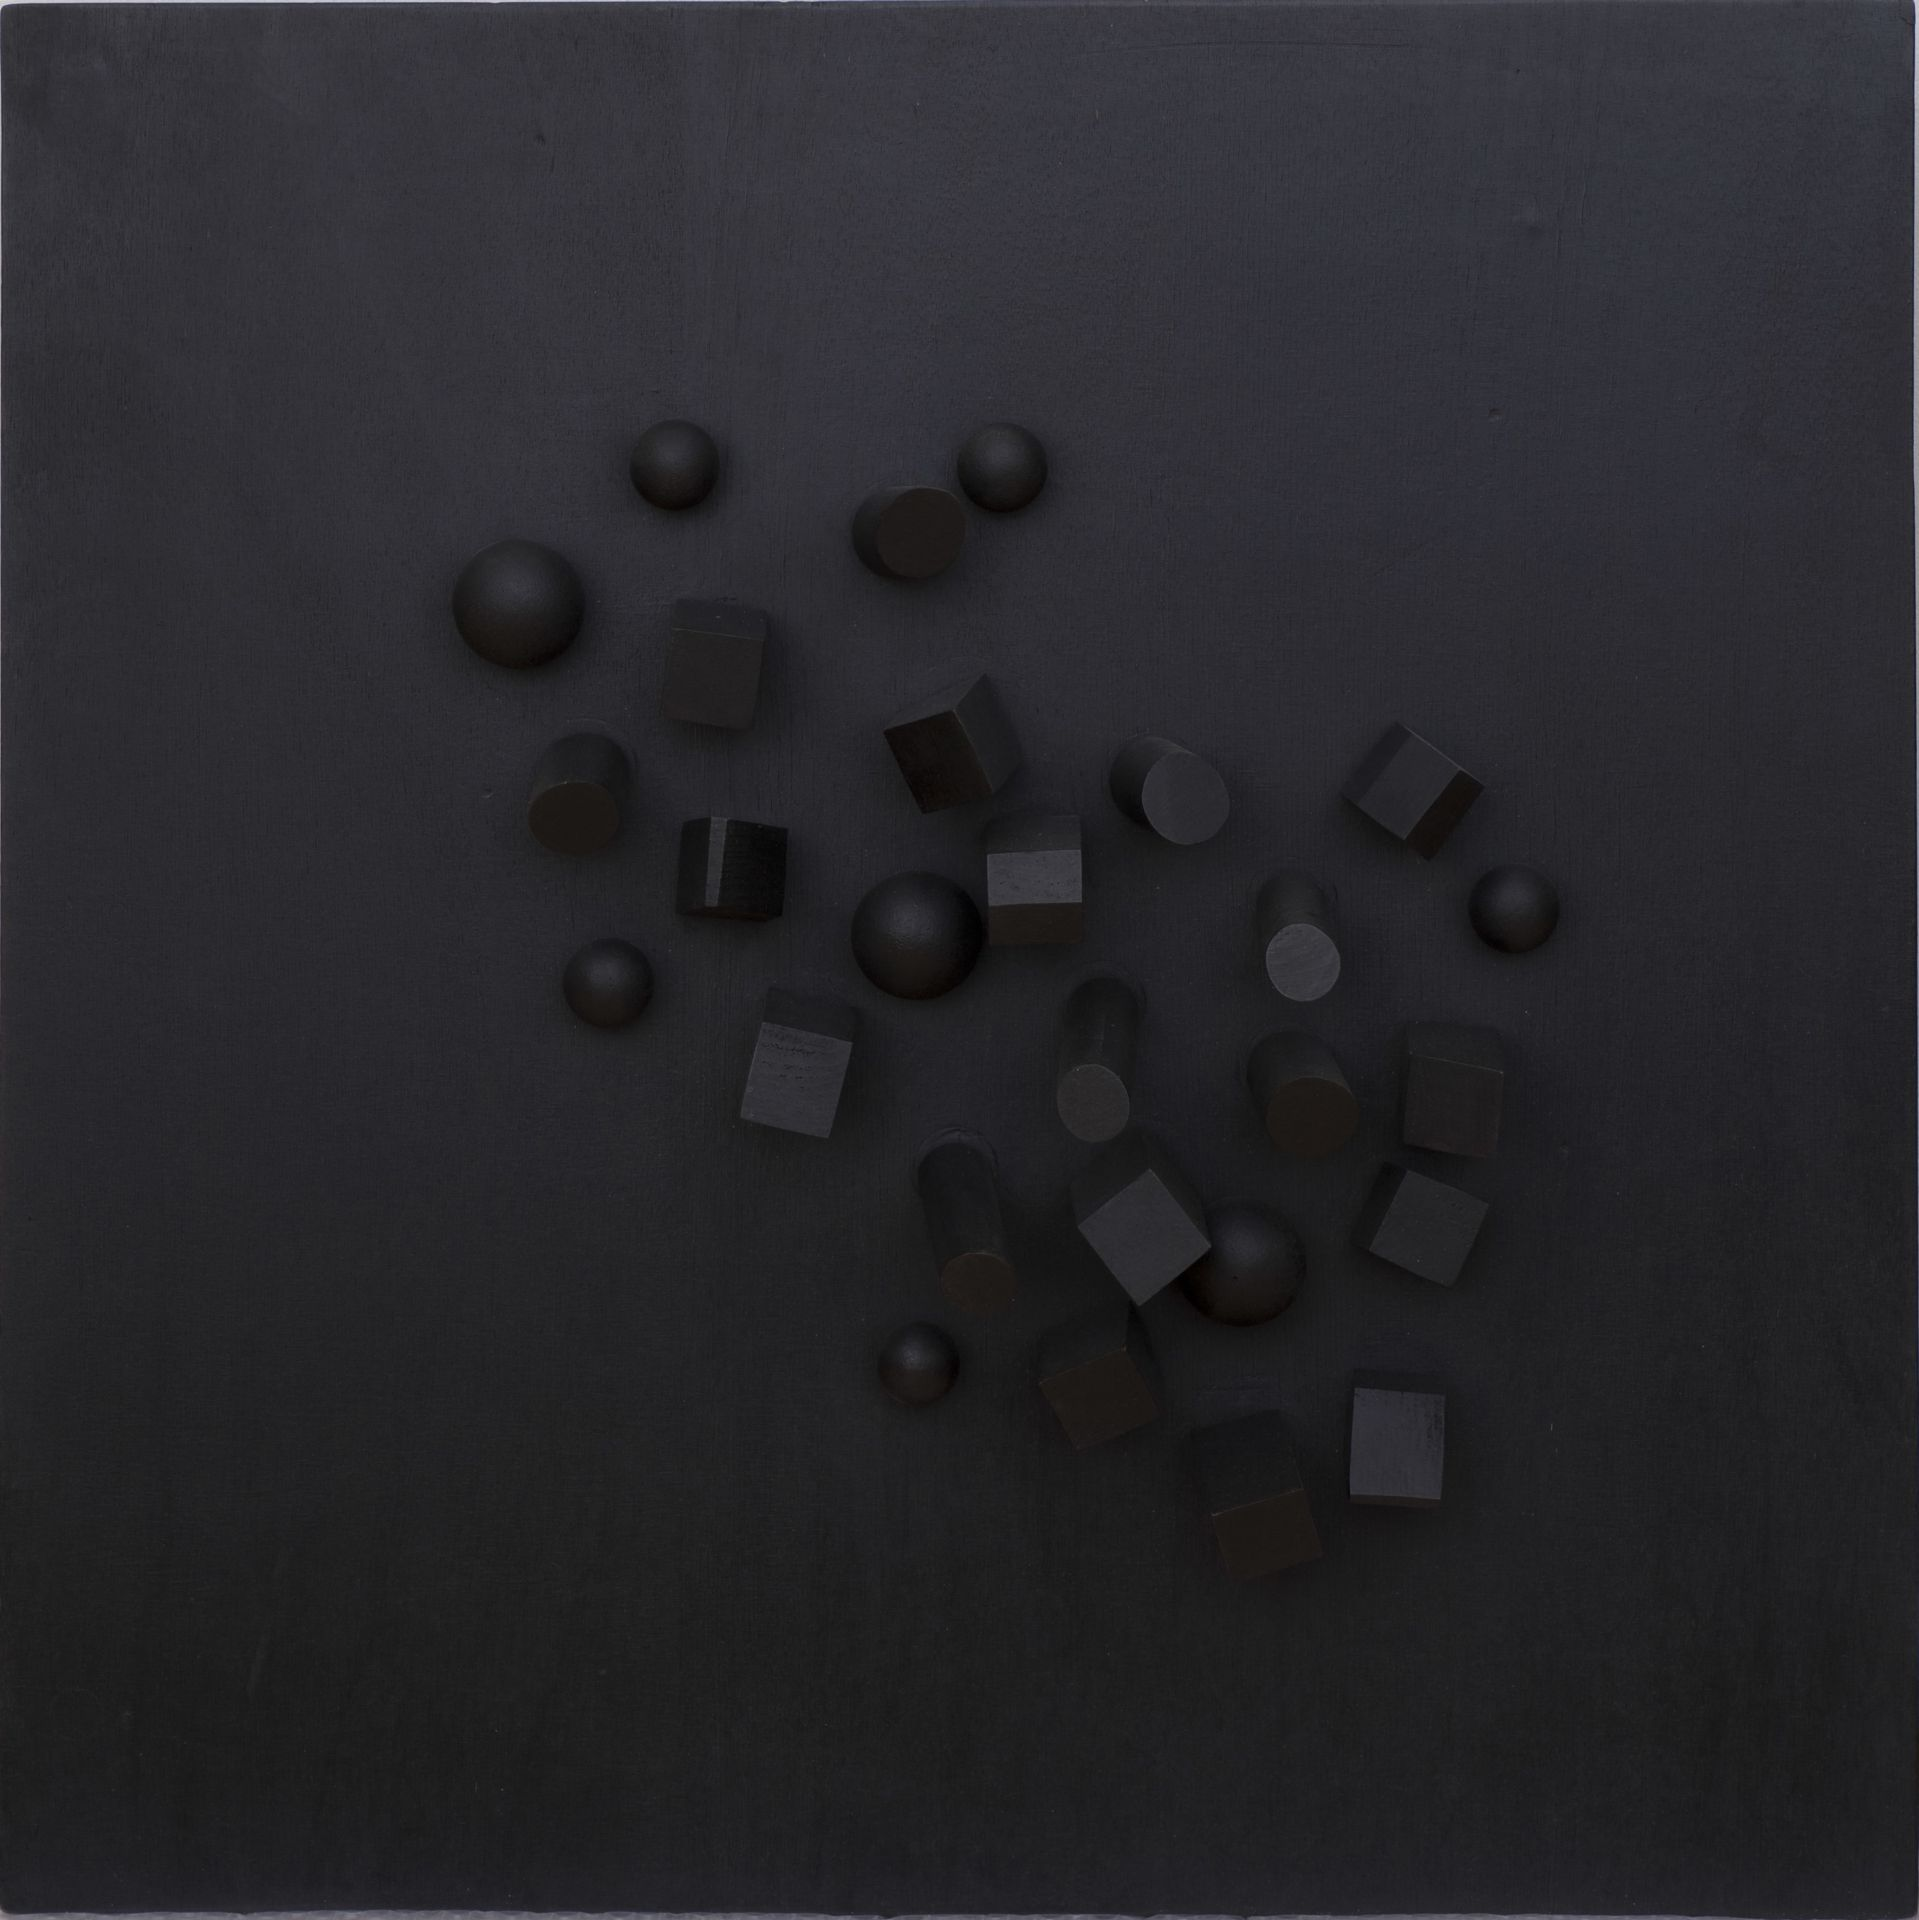 Pol Bury, huit sphères, douze cubes et cinq cylindres sur un plan, 1967